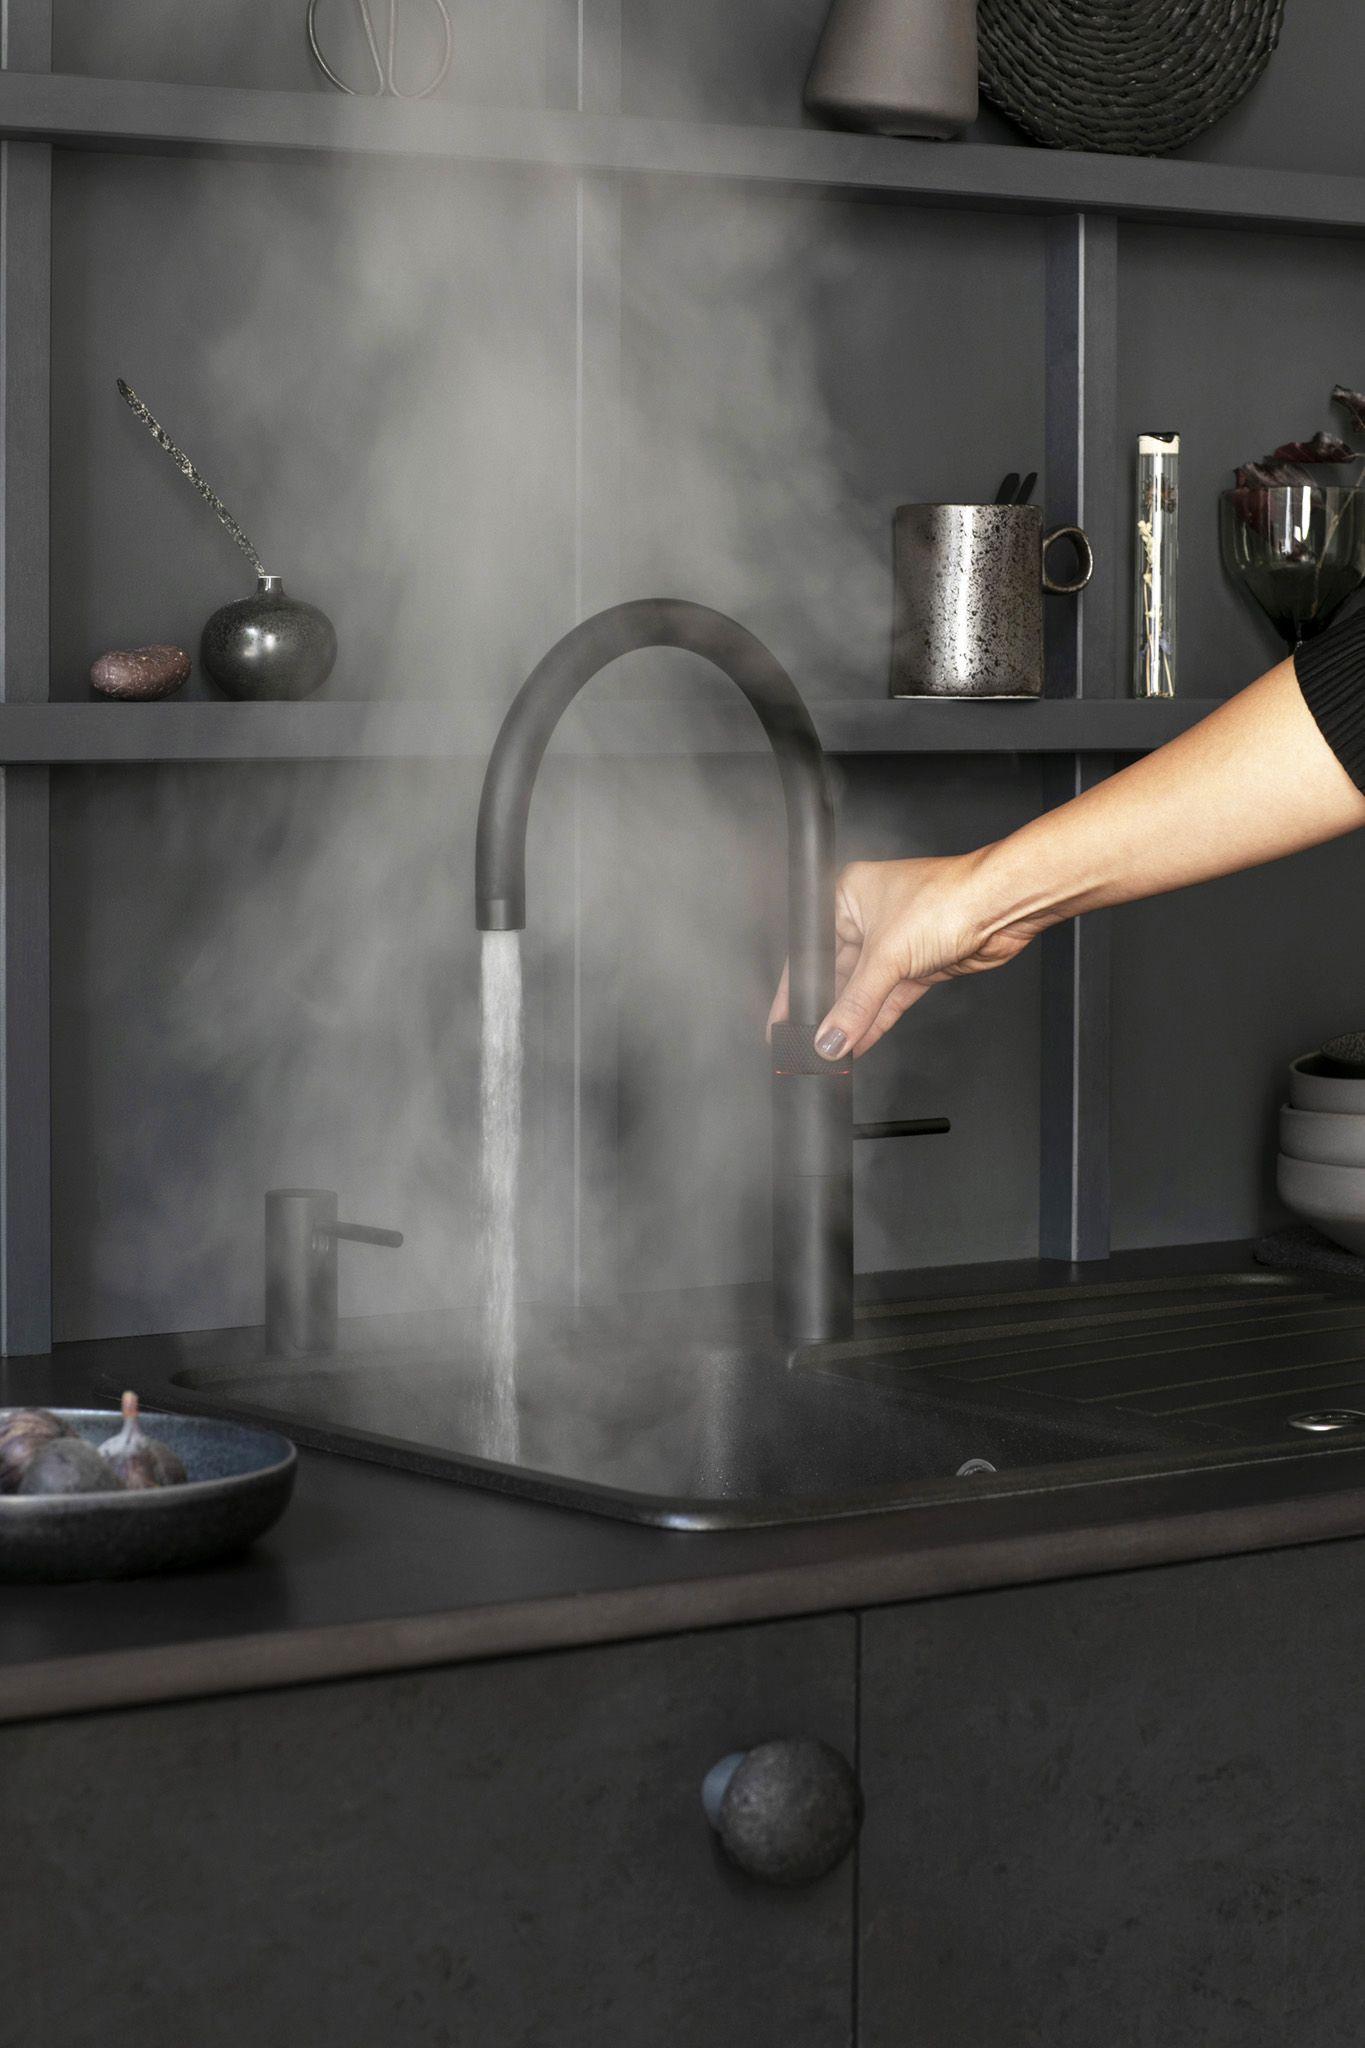 Vorteile Eines Quookers In 2020 Wasserhahn Mischbatterien Wasserkocher